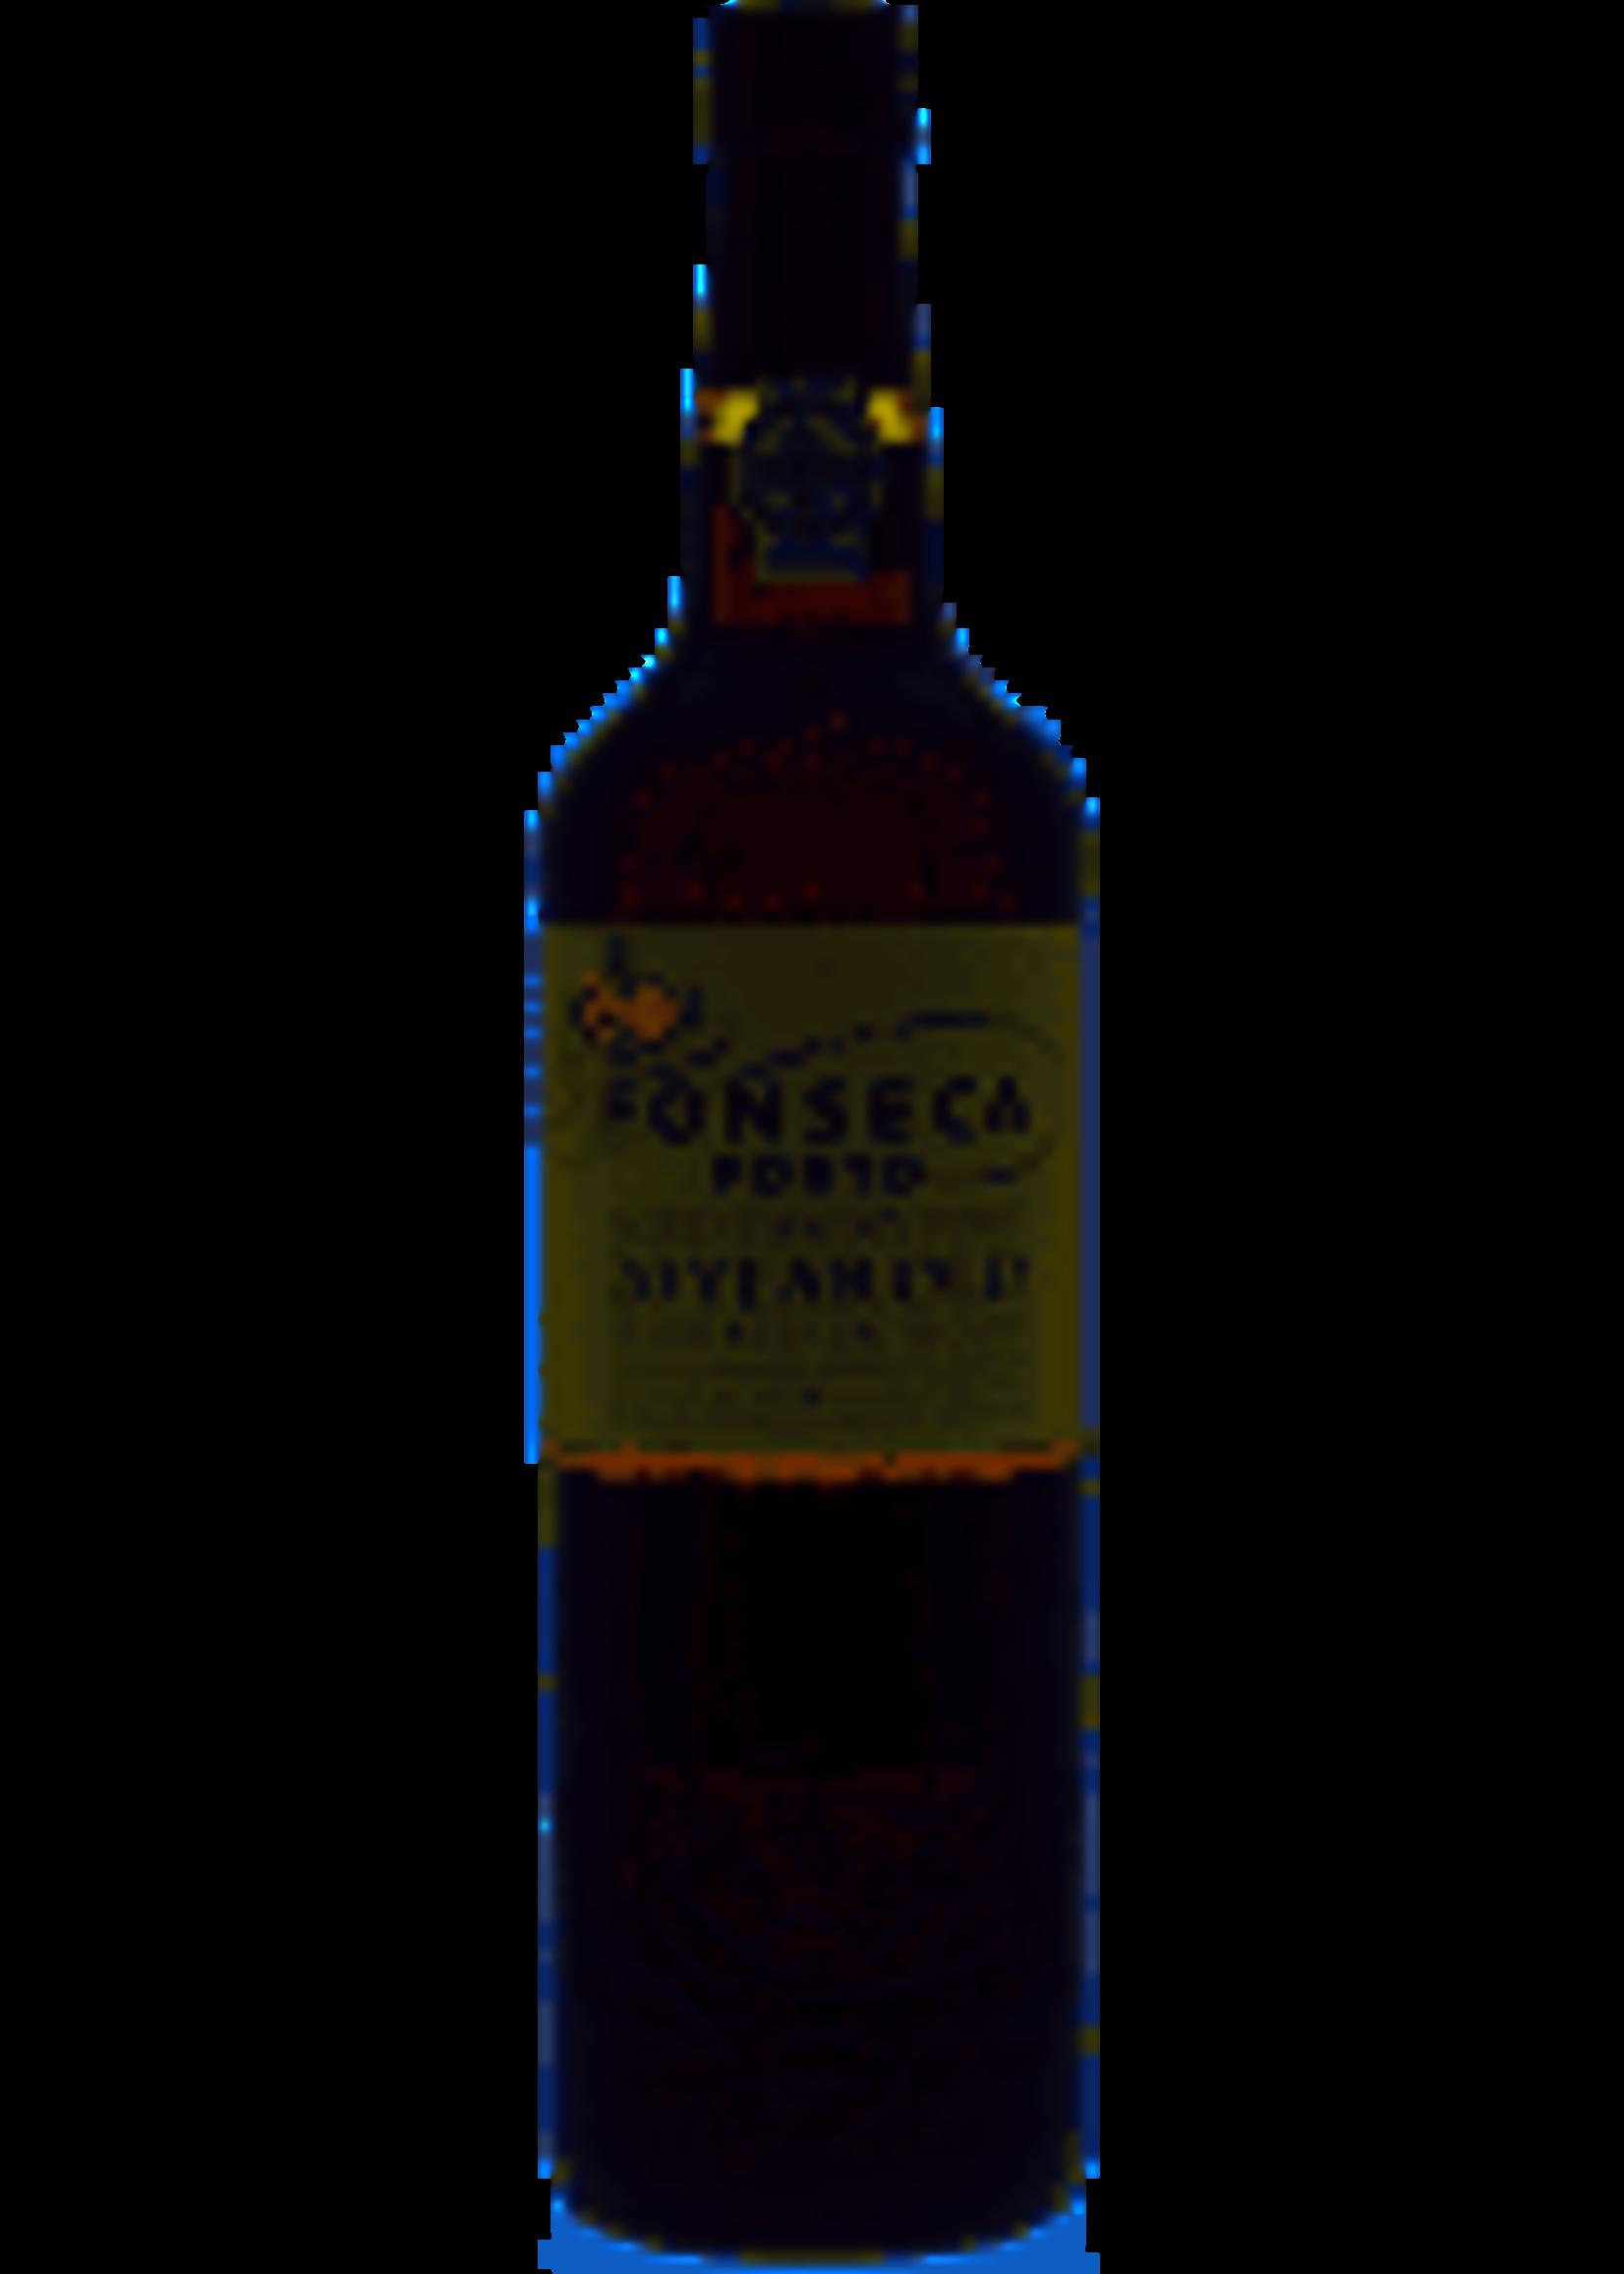 Fonseca Porto 20 Year Tawny 750ml